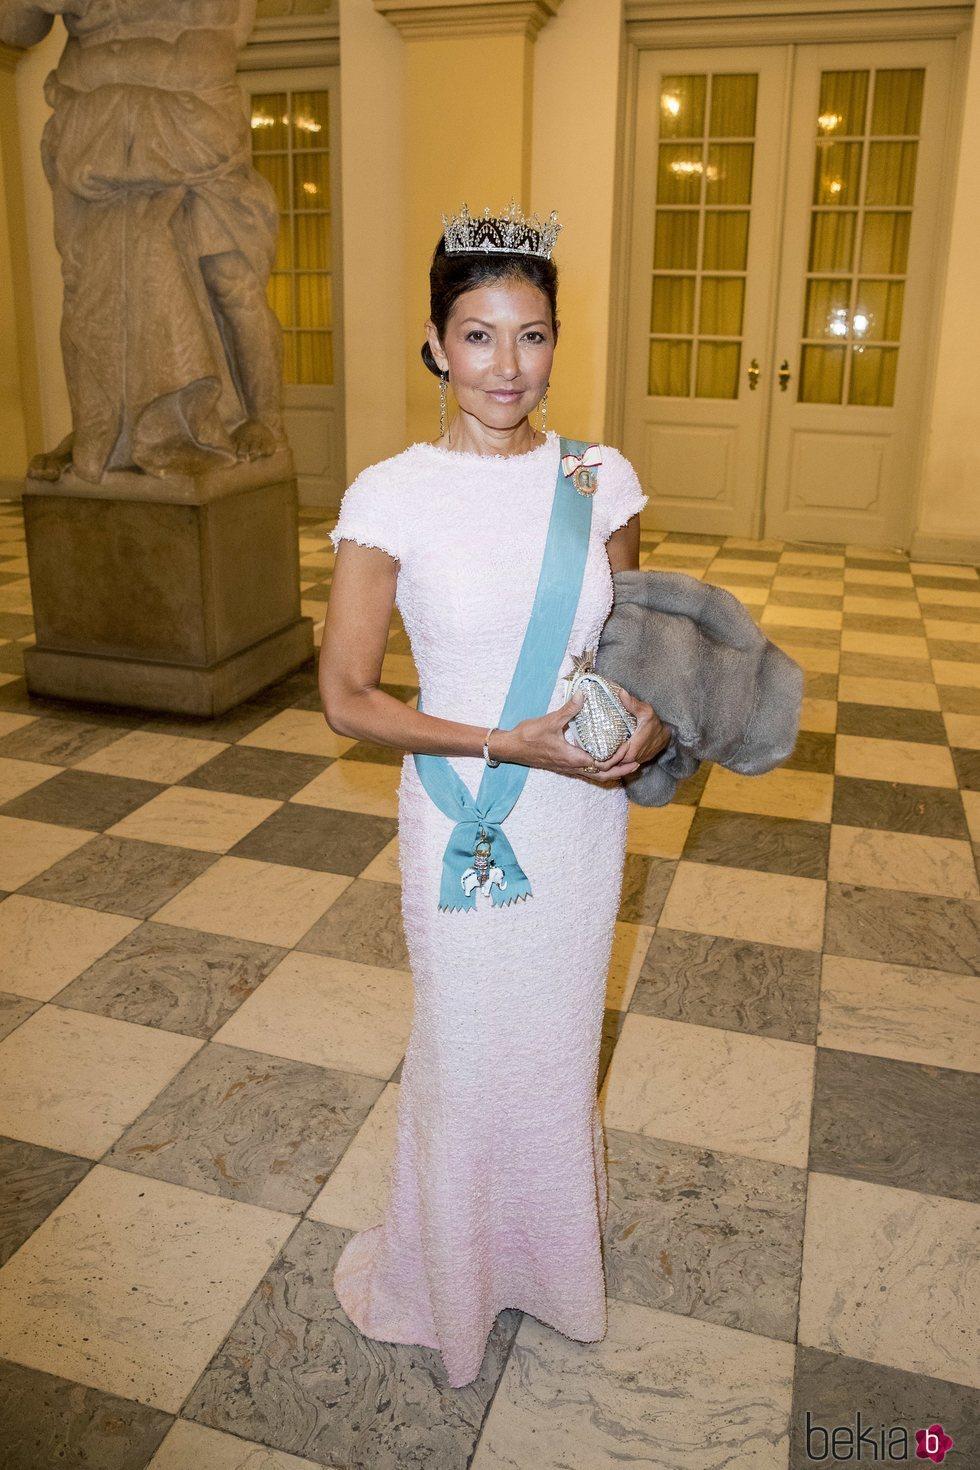 Alexandra Manley en la cena de gala del 50 cumpleaños de Federico de Dinamarca